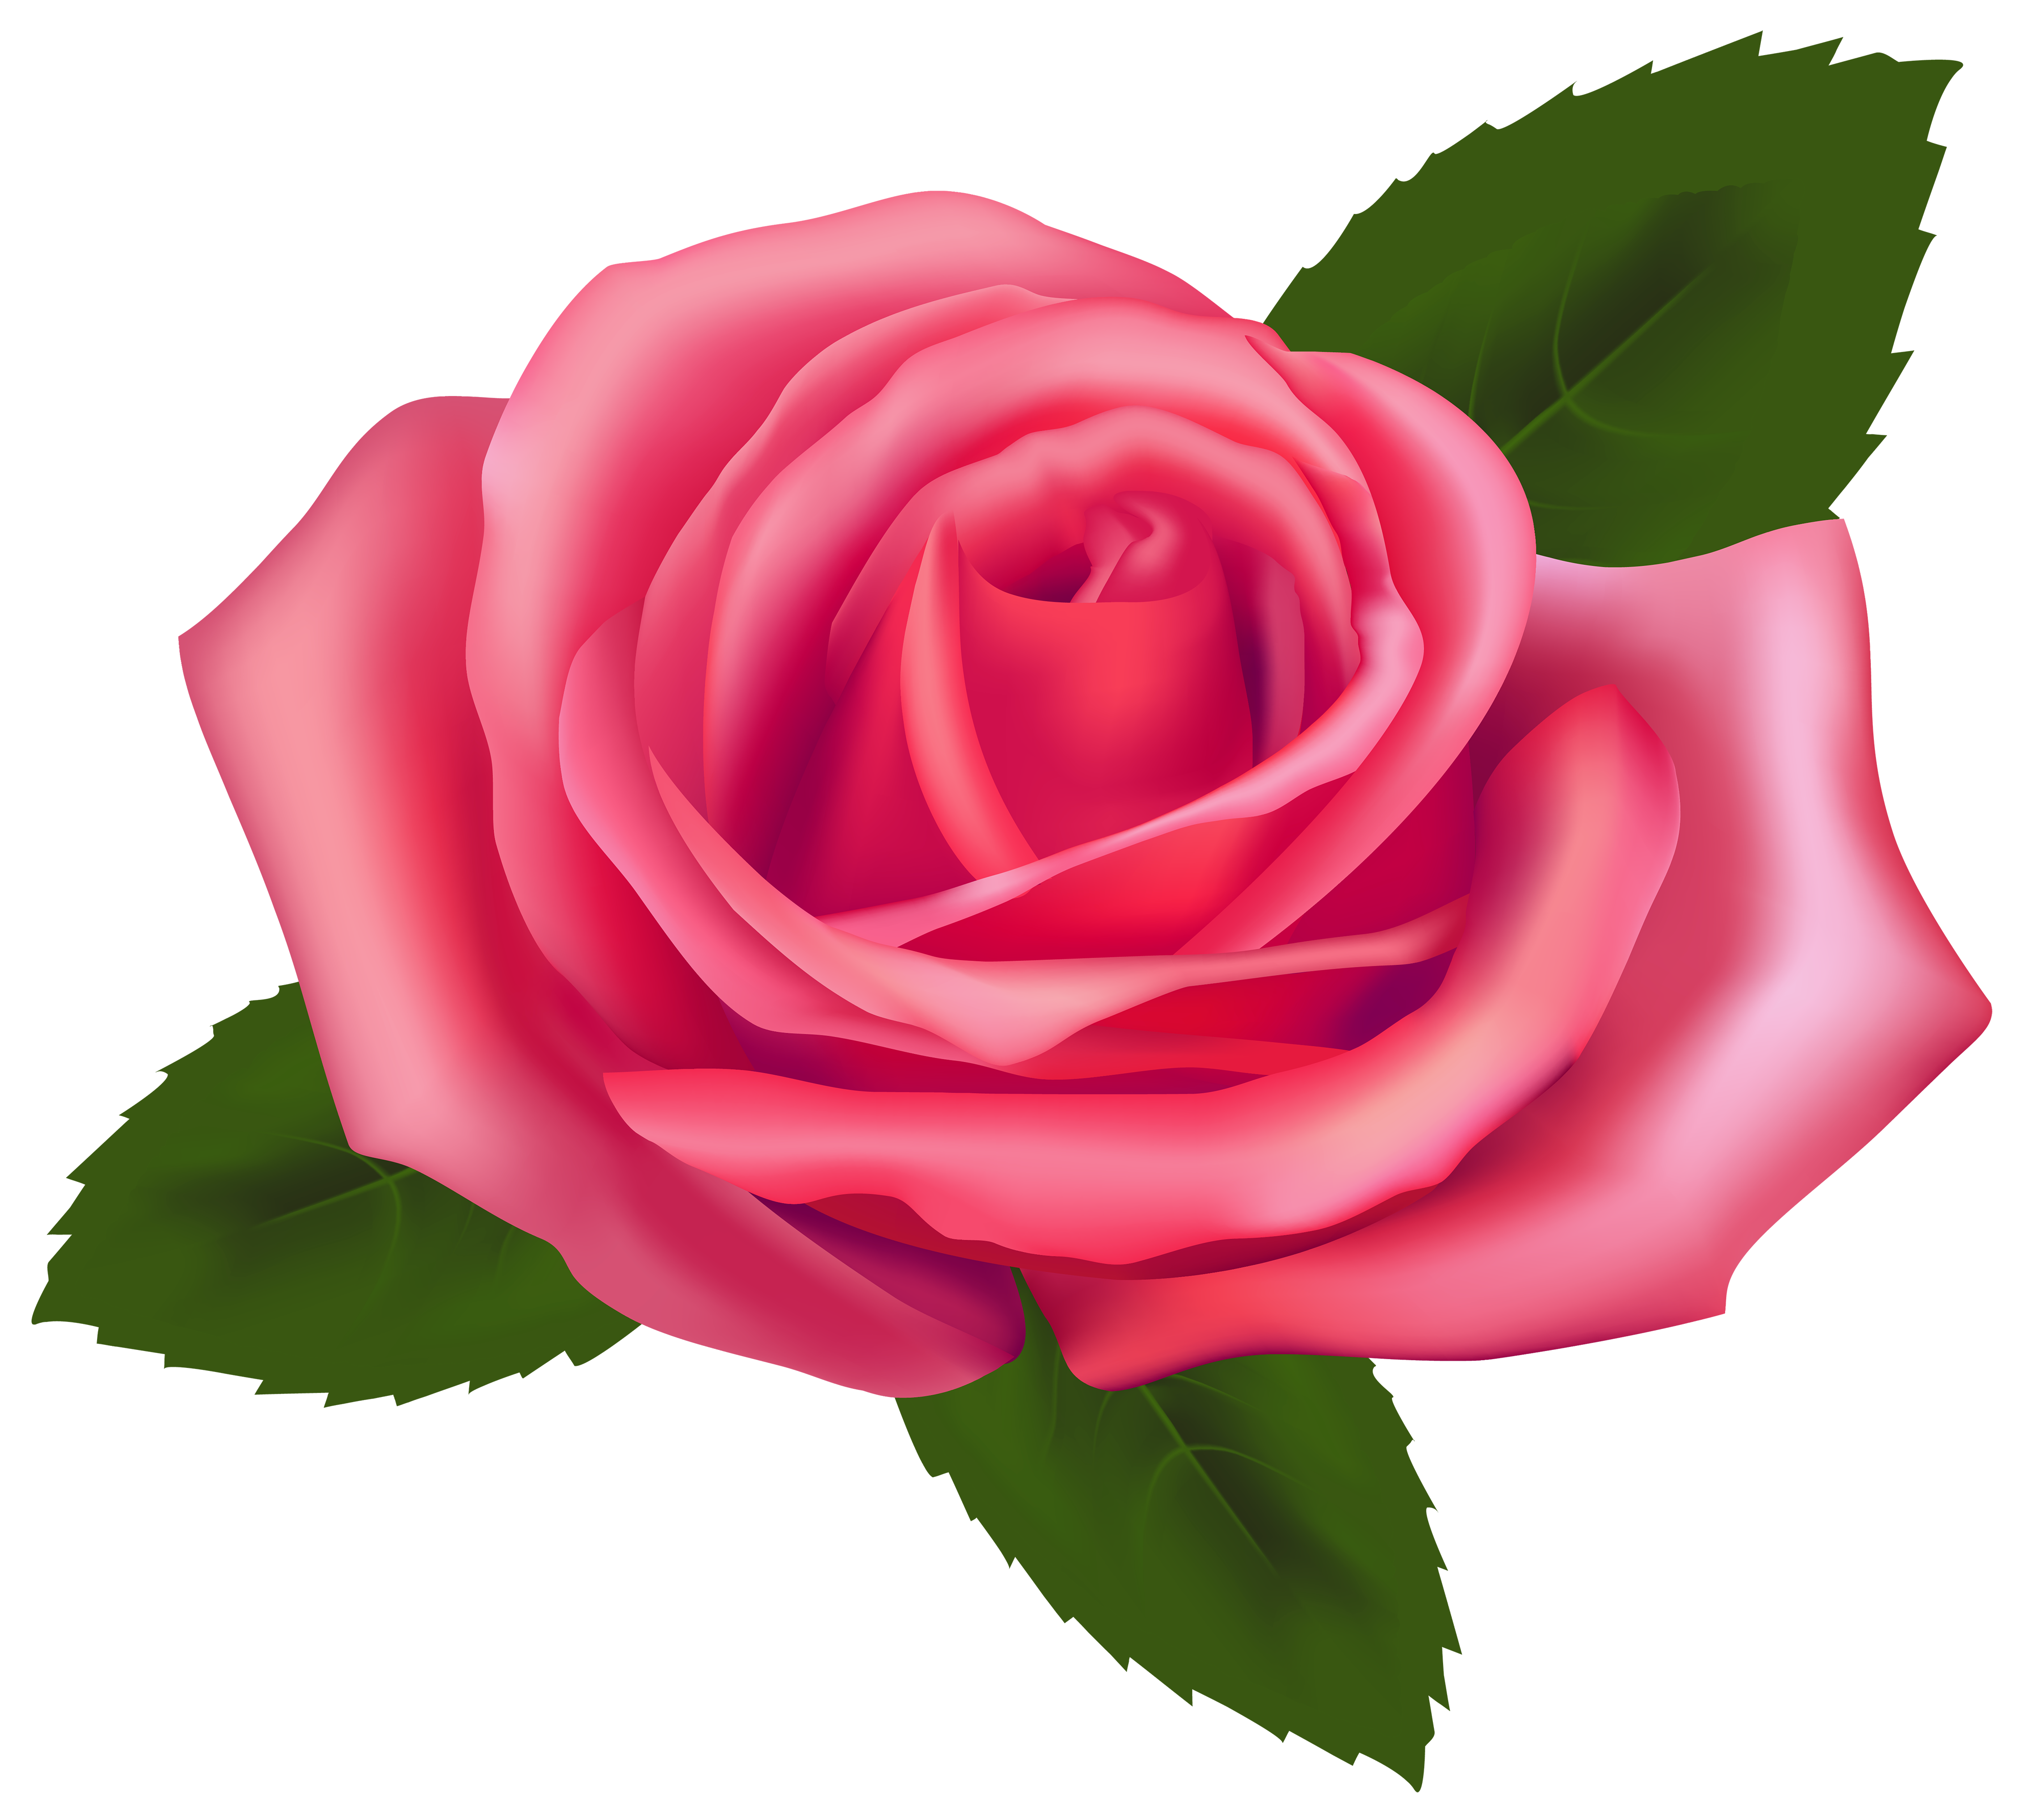 Rose Pink Free Clip art.